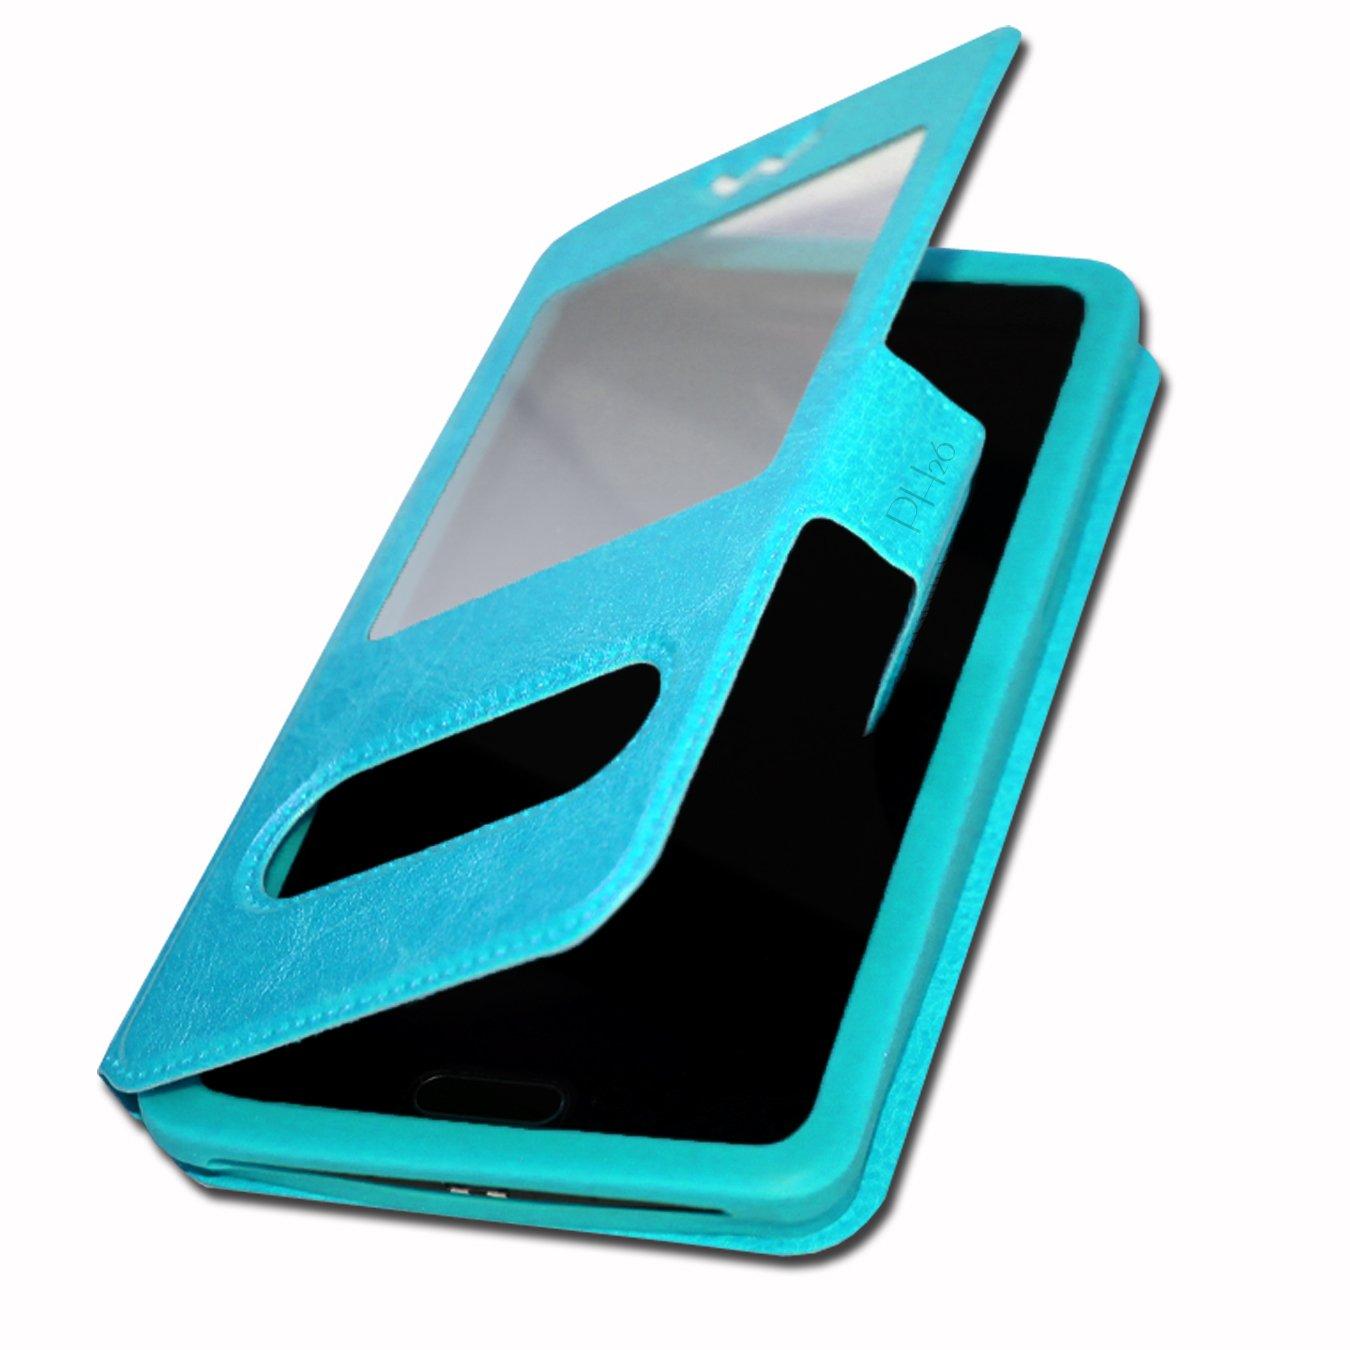 Ph26/® THL Knight 2 Etui Housse Coque Folio bleu de qualit/é